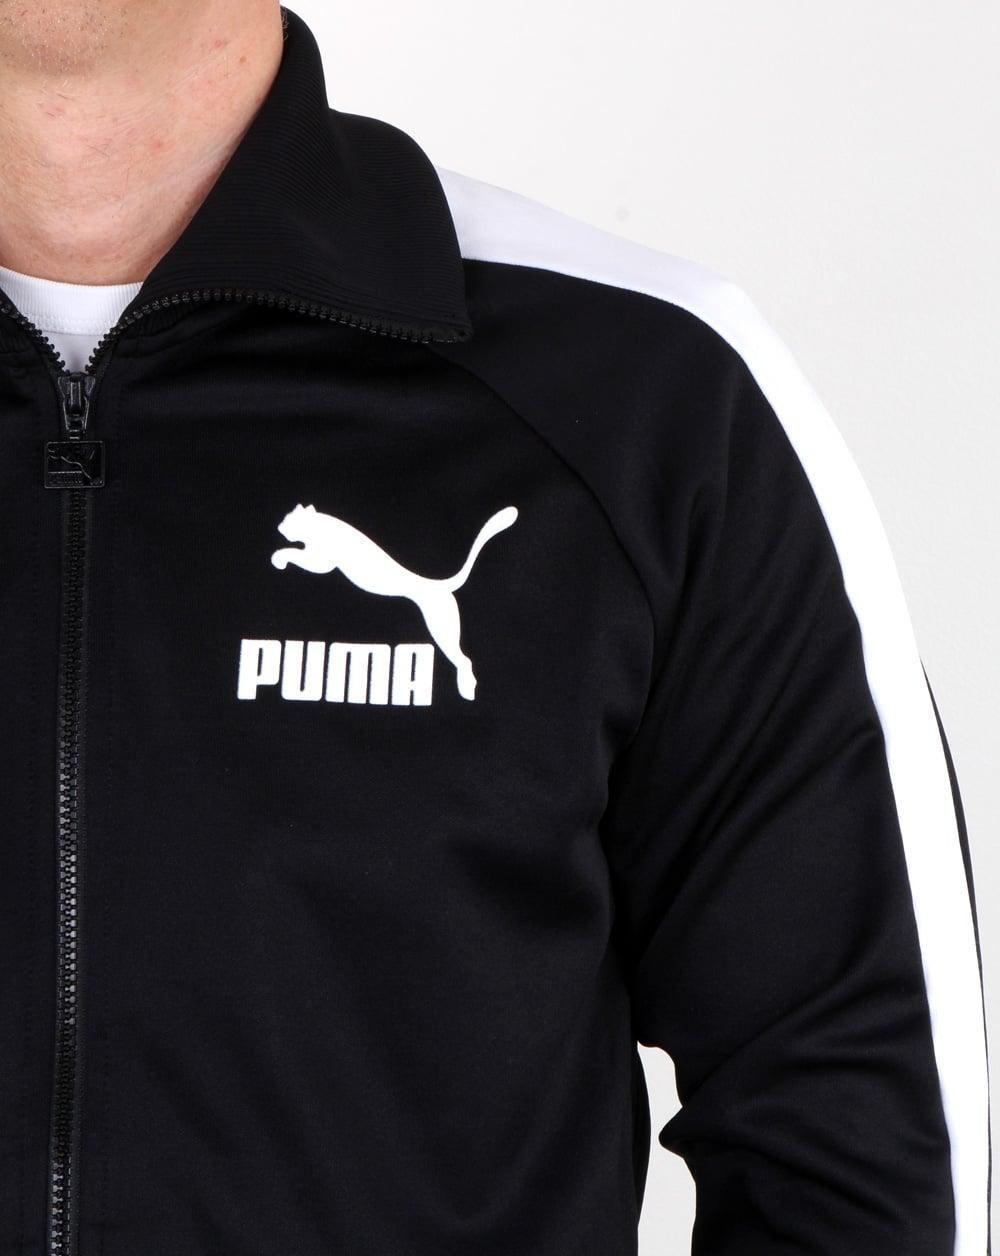 af2c7297c7eb9 Puma T7 Vintage Track Jacket Black/white